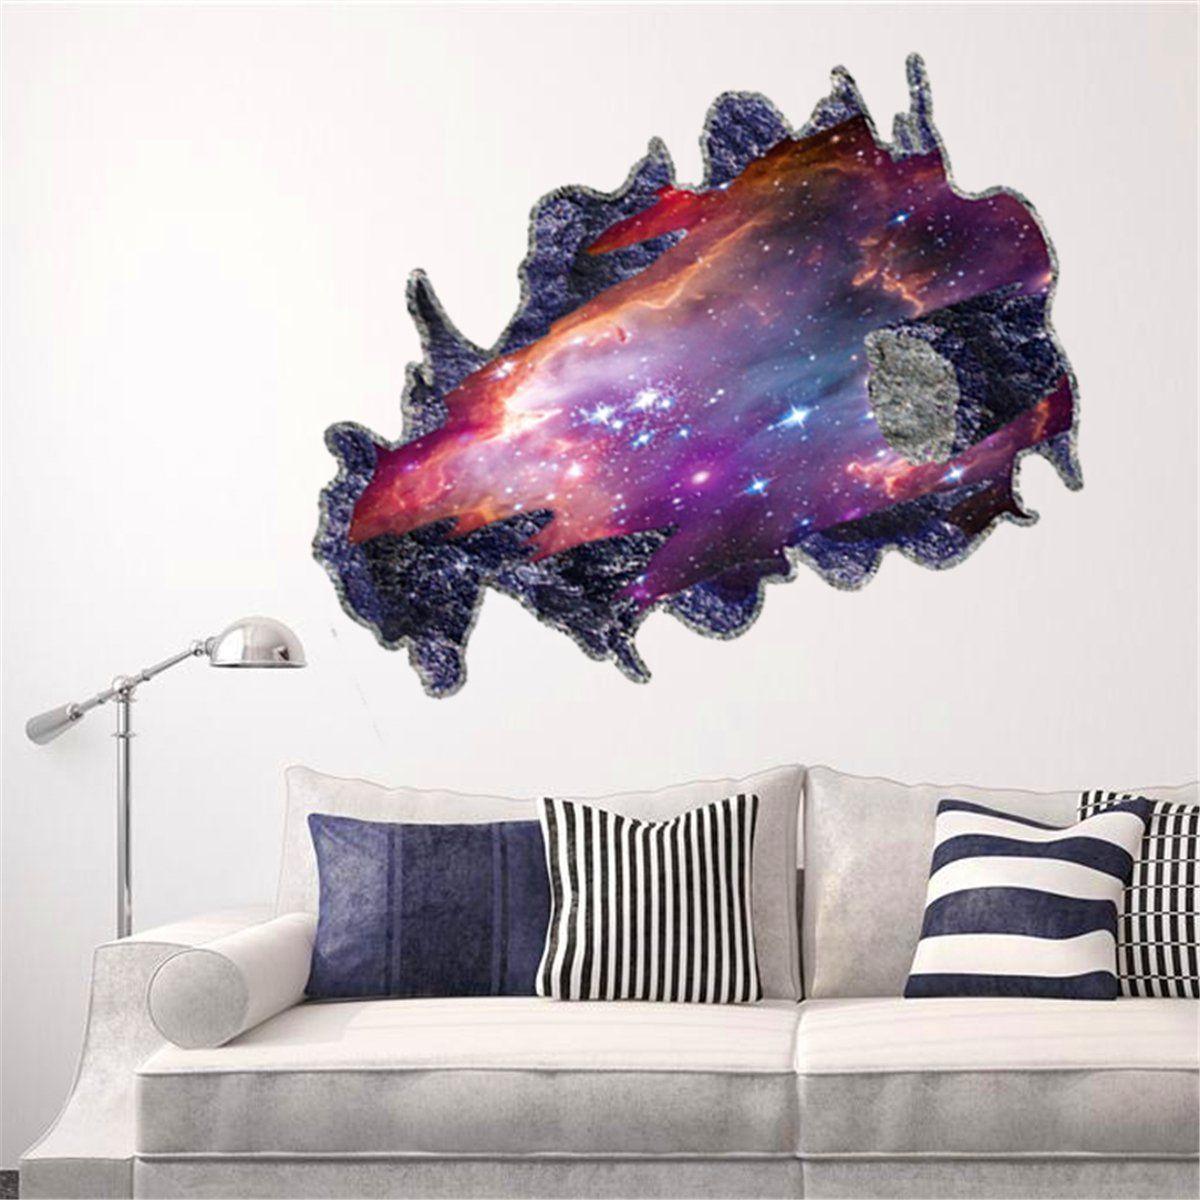 galaxy 3d space meteoriten wohnzimmer schlafzimmer tv hintergrund ... - Wohnzimmer Bilder Fr Hintergrund